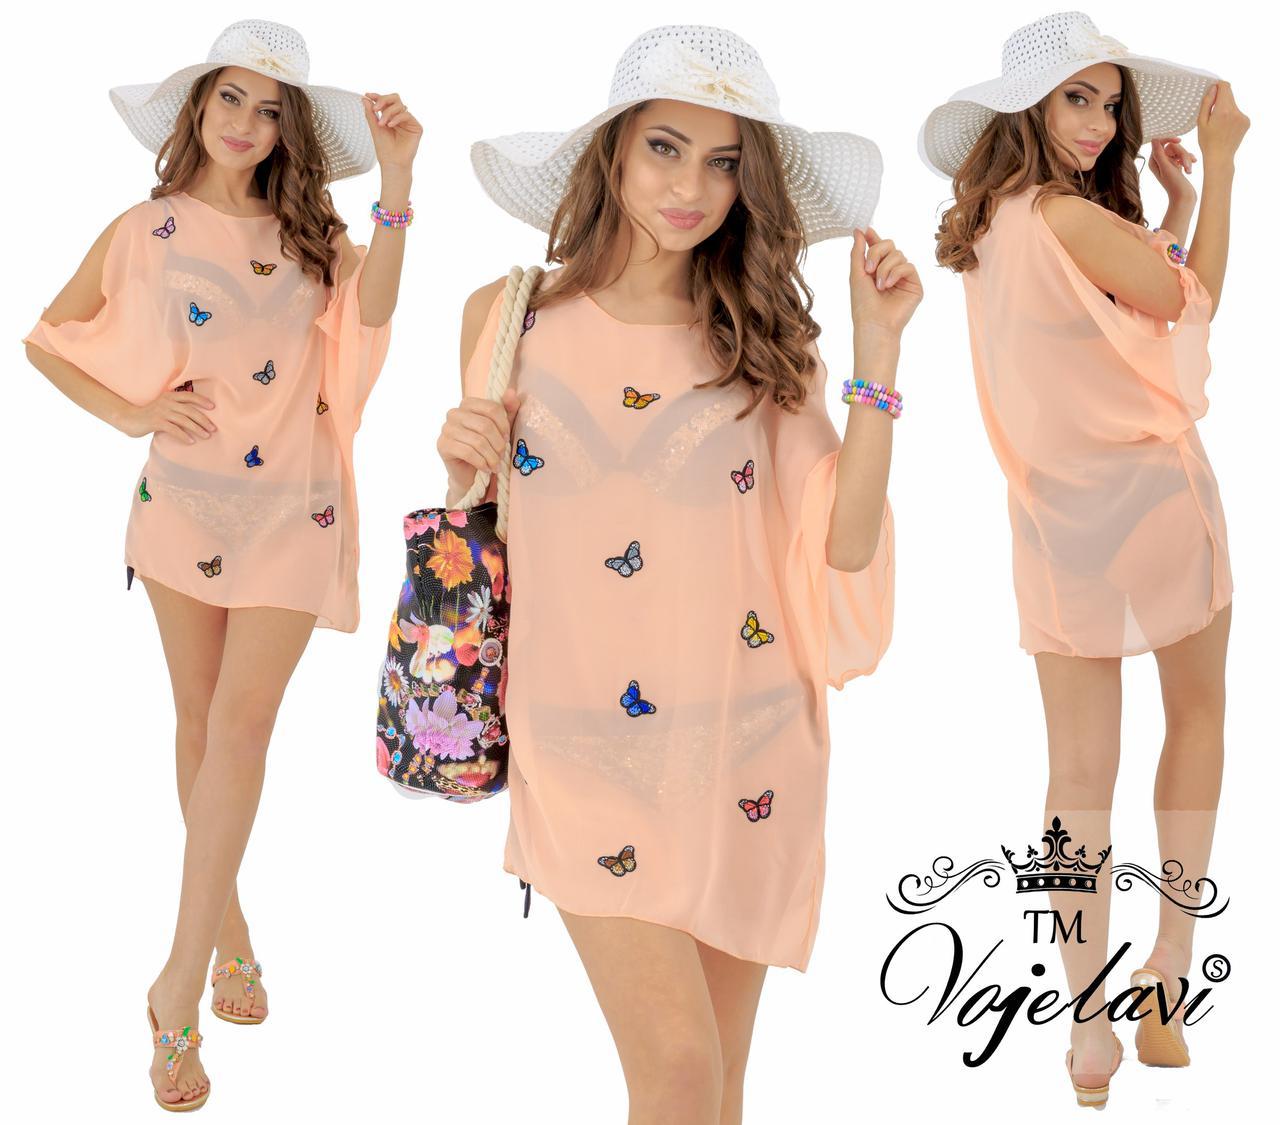 b602ffc0aca Пляжная персиковая женская туника с бабочками № 594 оптом и в ...